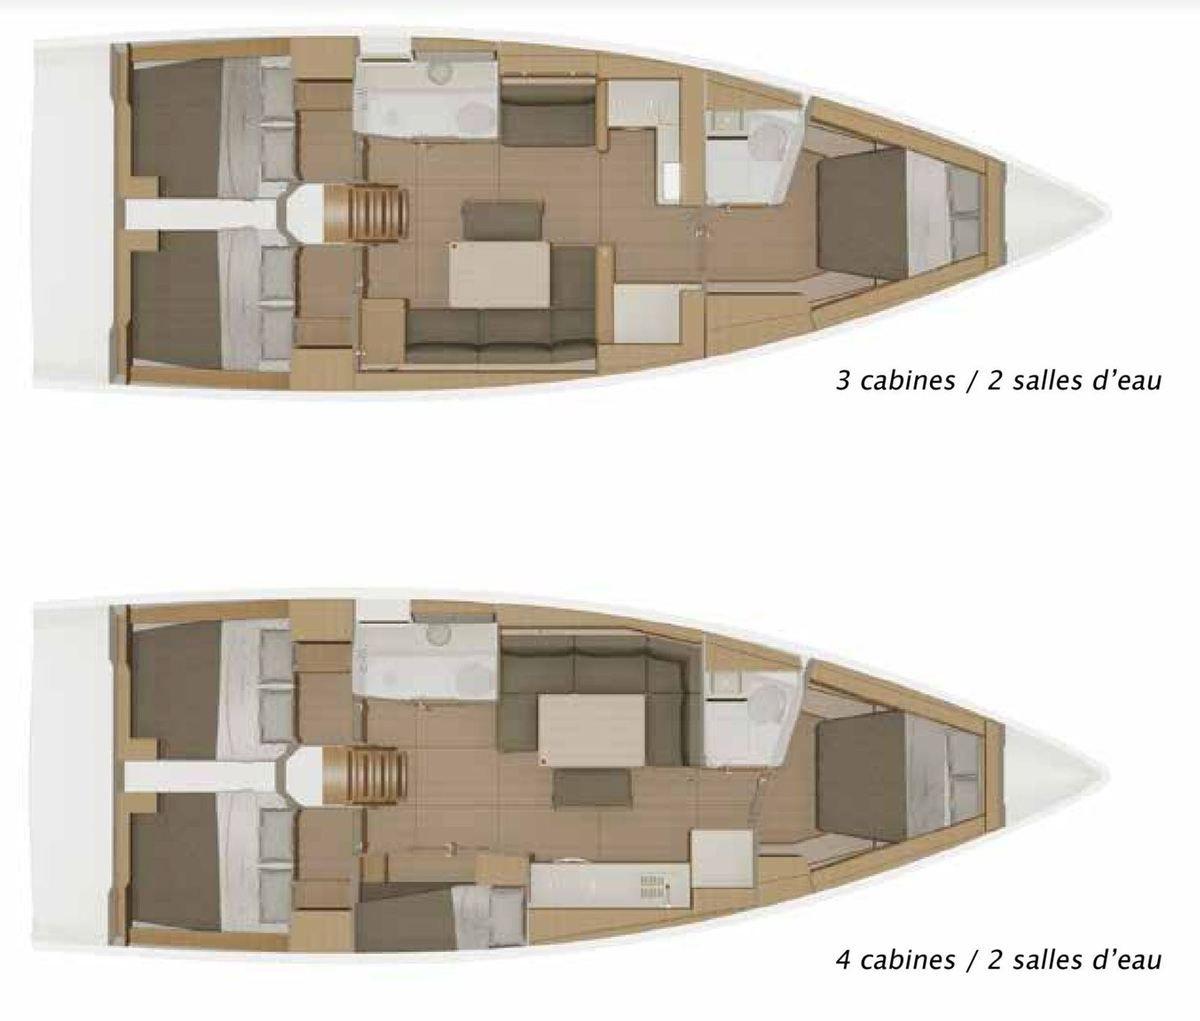 Les deux plans d'aménagement du Dufour 430 Grand Large